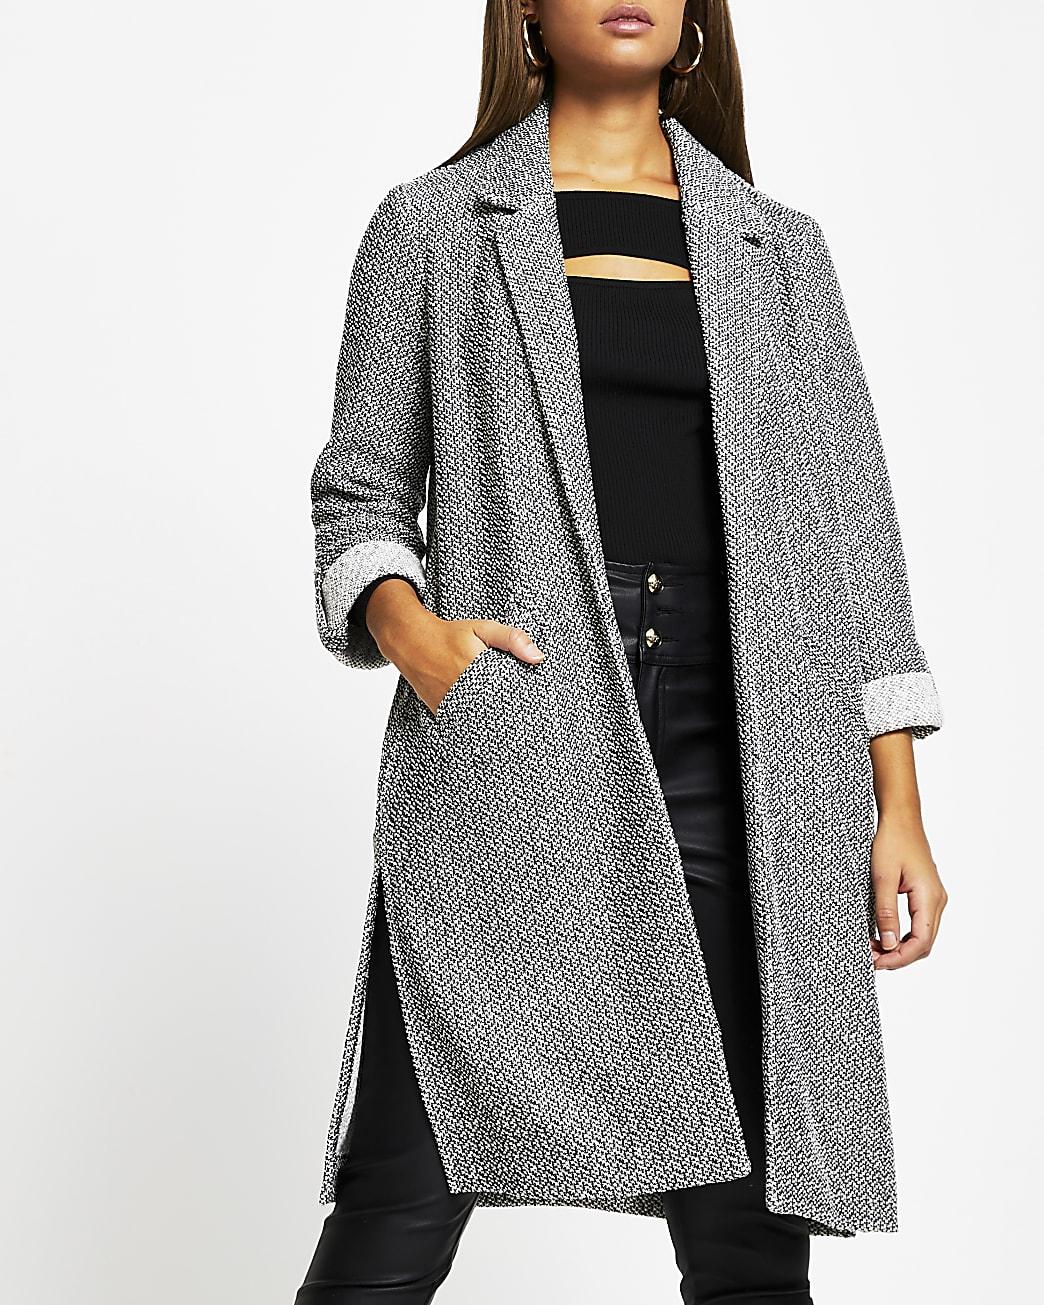 Grey long line jersey duster jacket